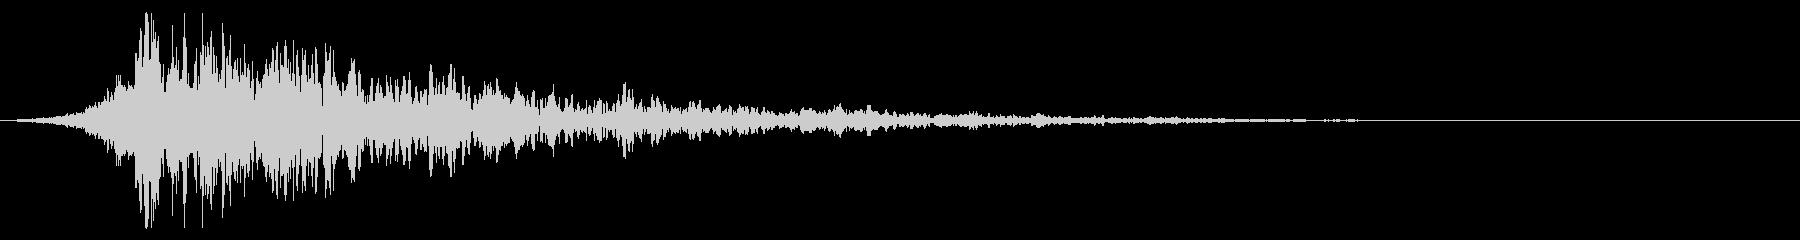 シュードーン-34-2(インパクト音)の未再生の波形